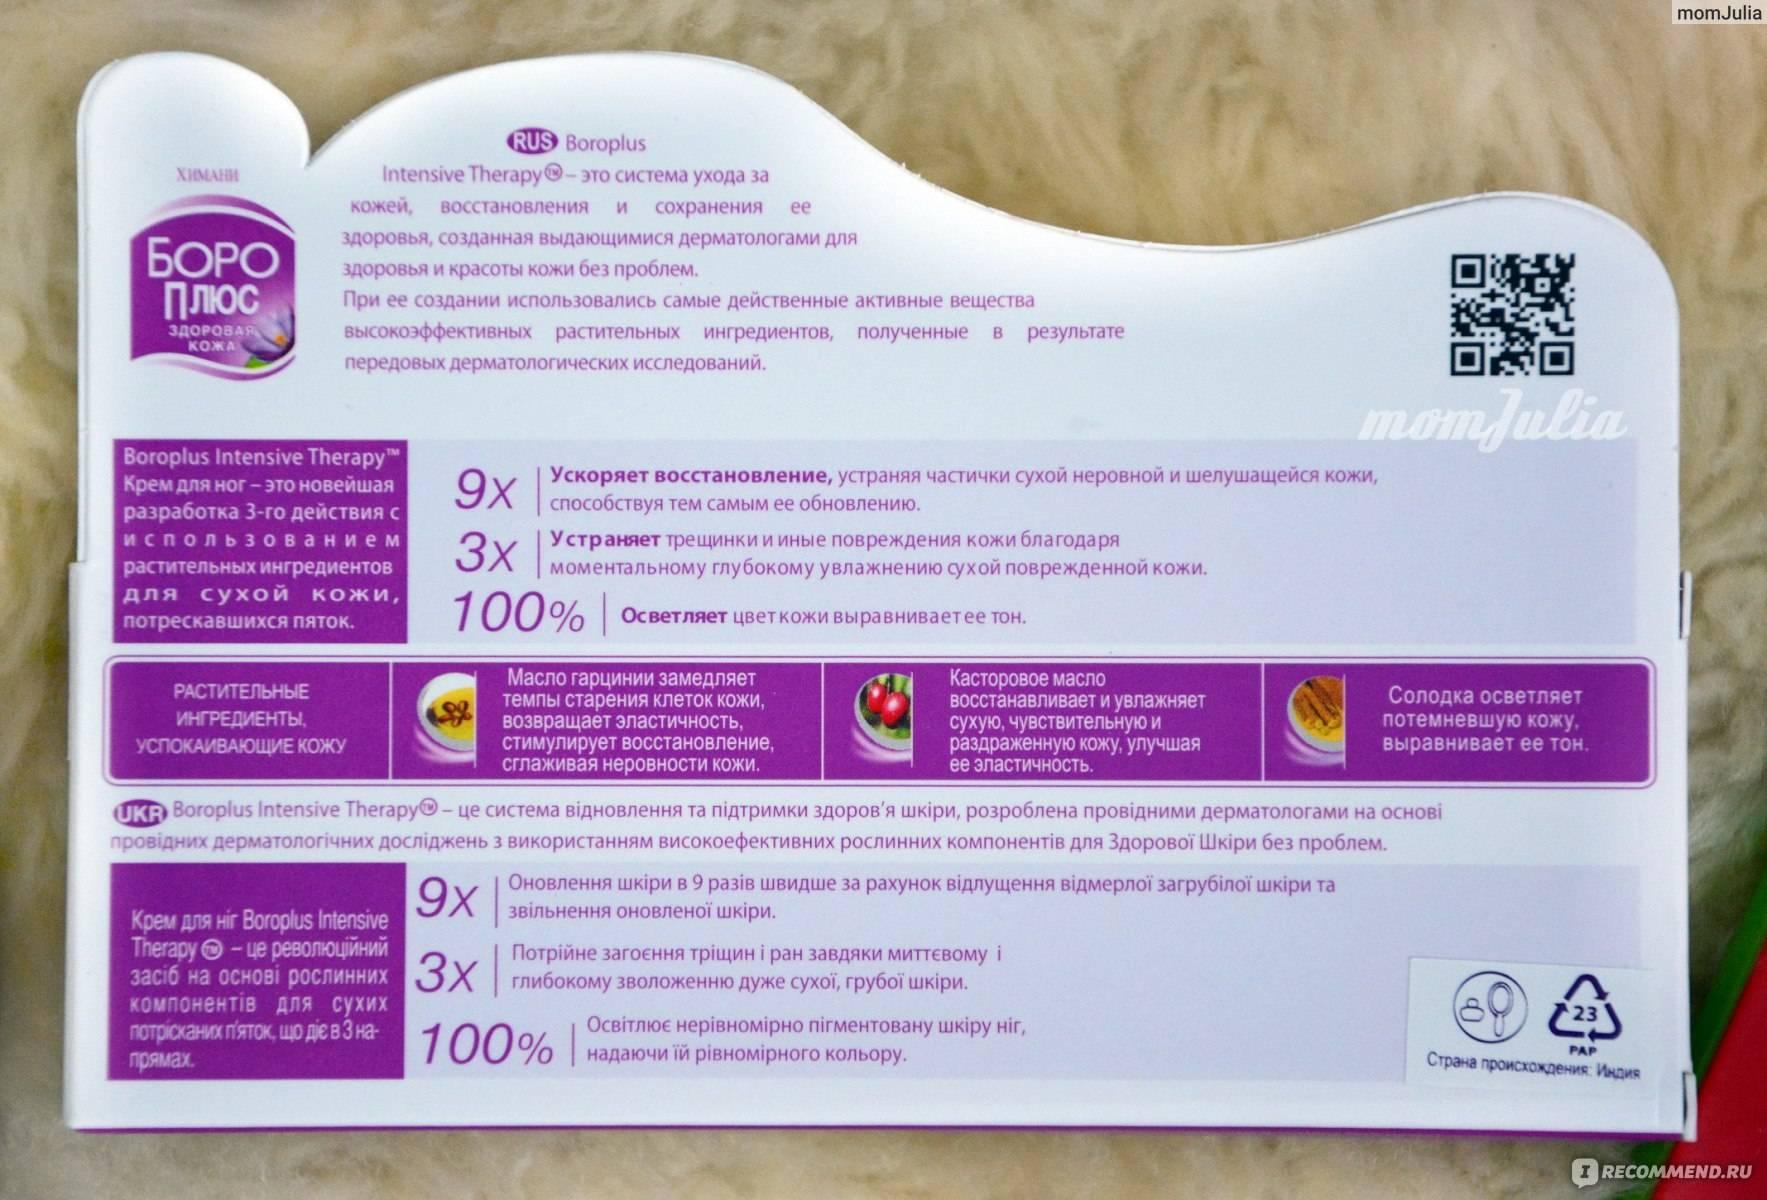 Боро плюс мазь. инструкция применения крема, цена, отзывы, аналоги